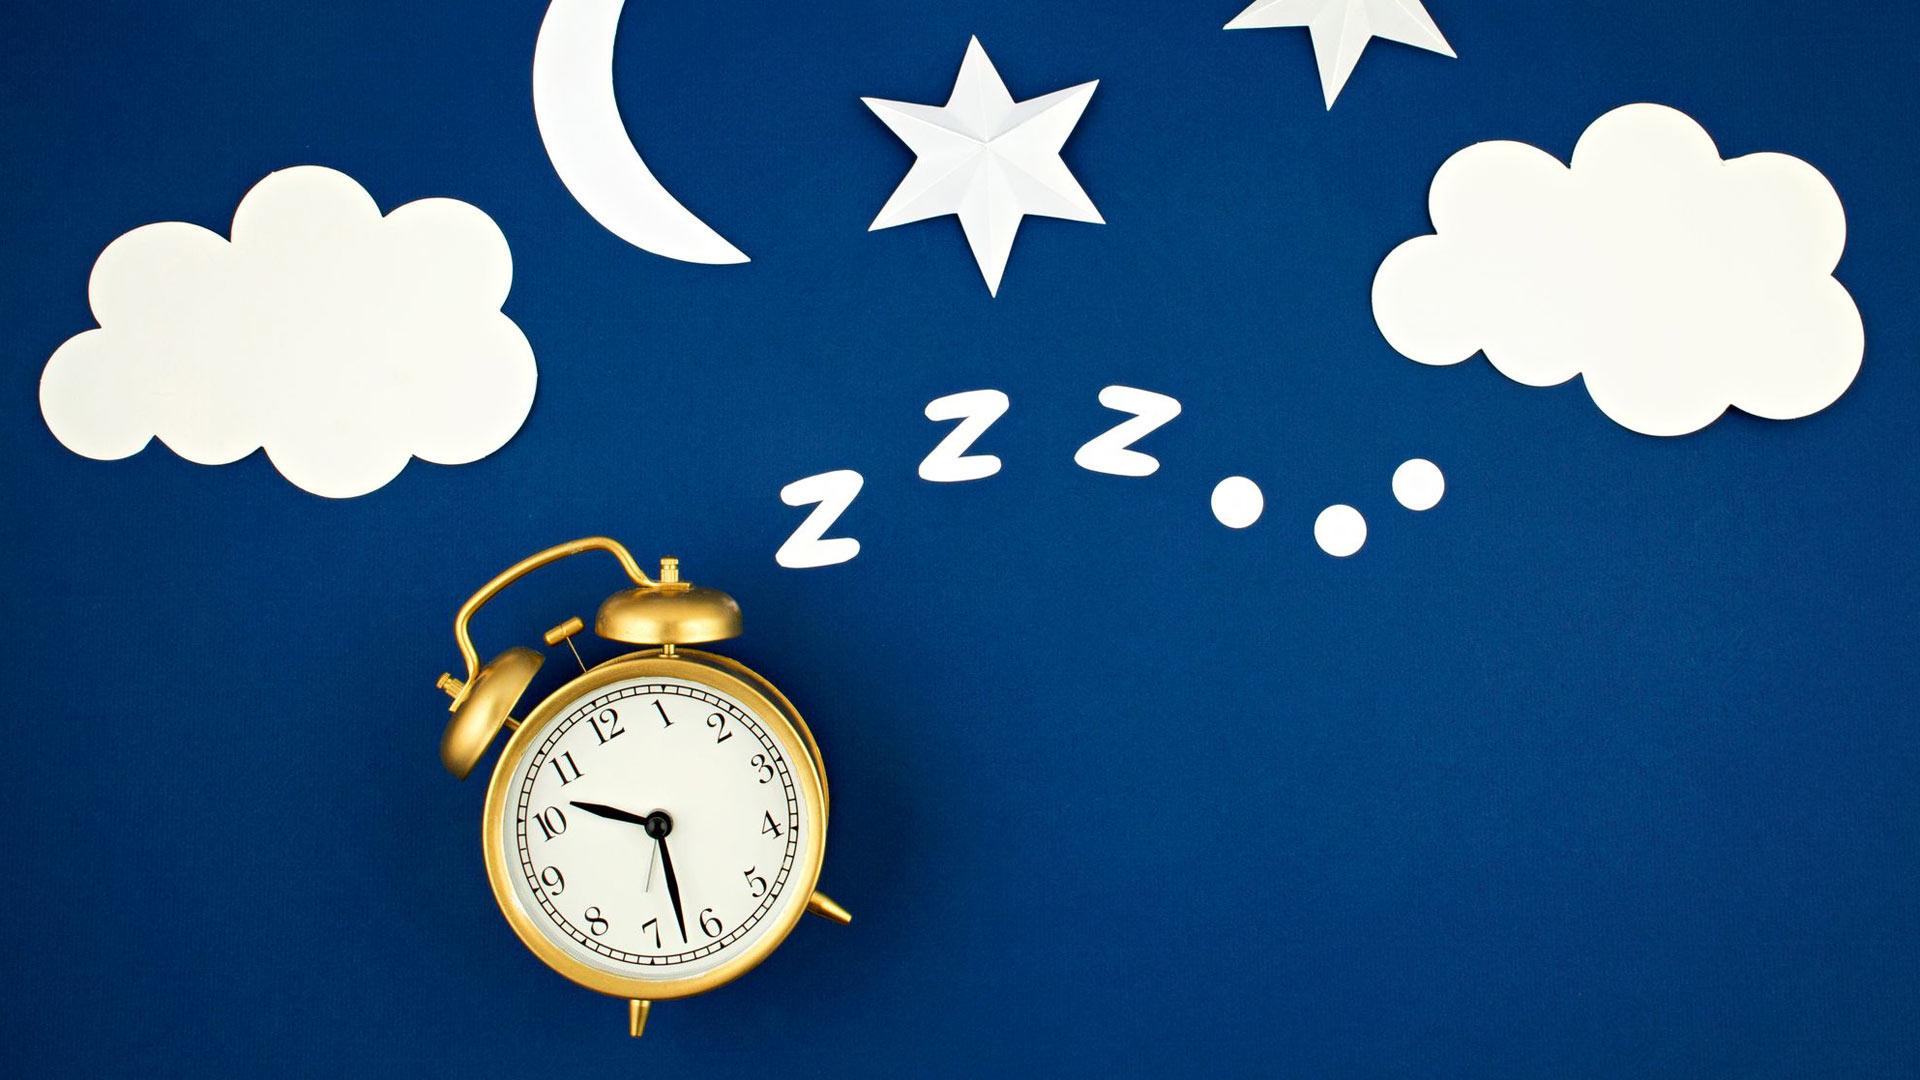 Uni-ikkuna tarkoittaa nukahtamiselle oikean hetken löytämistä.